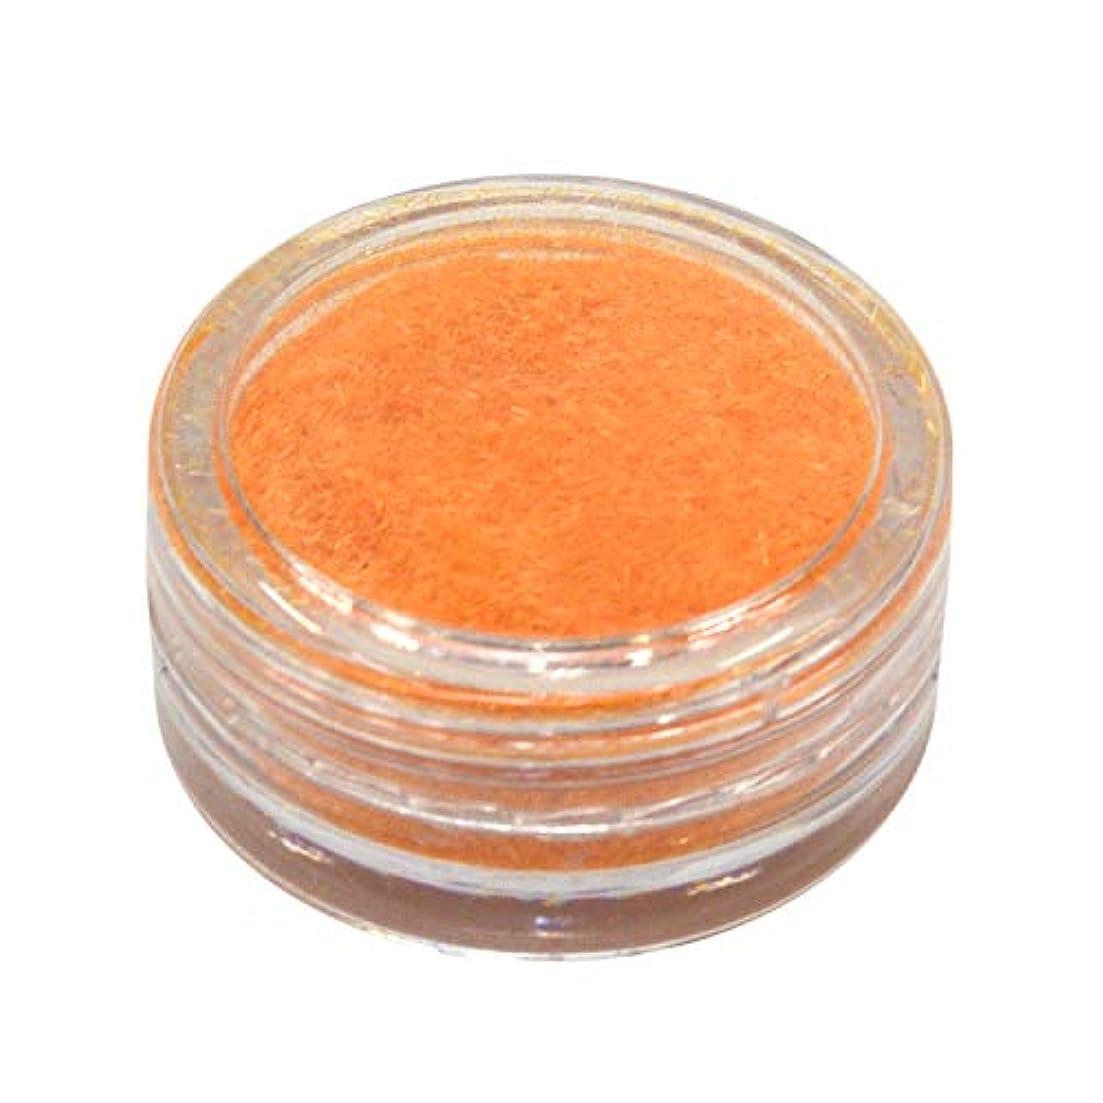 骨予備毛布ネルパラ ベルベットパウダー #30 オレンジ